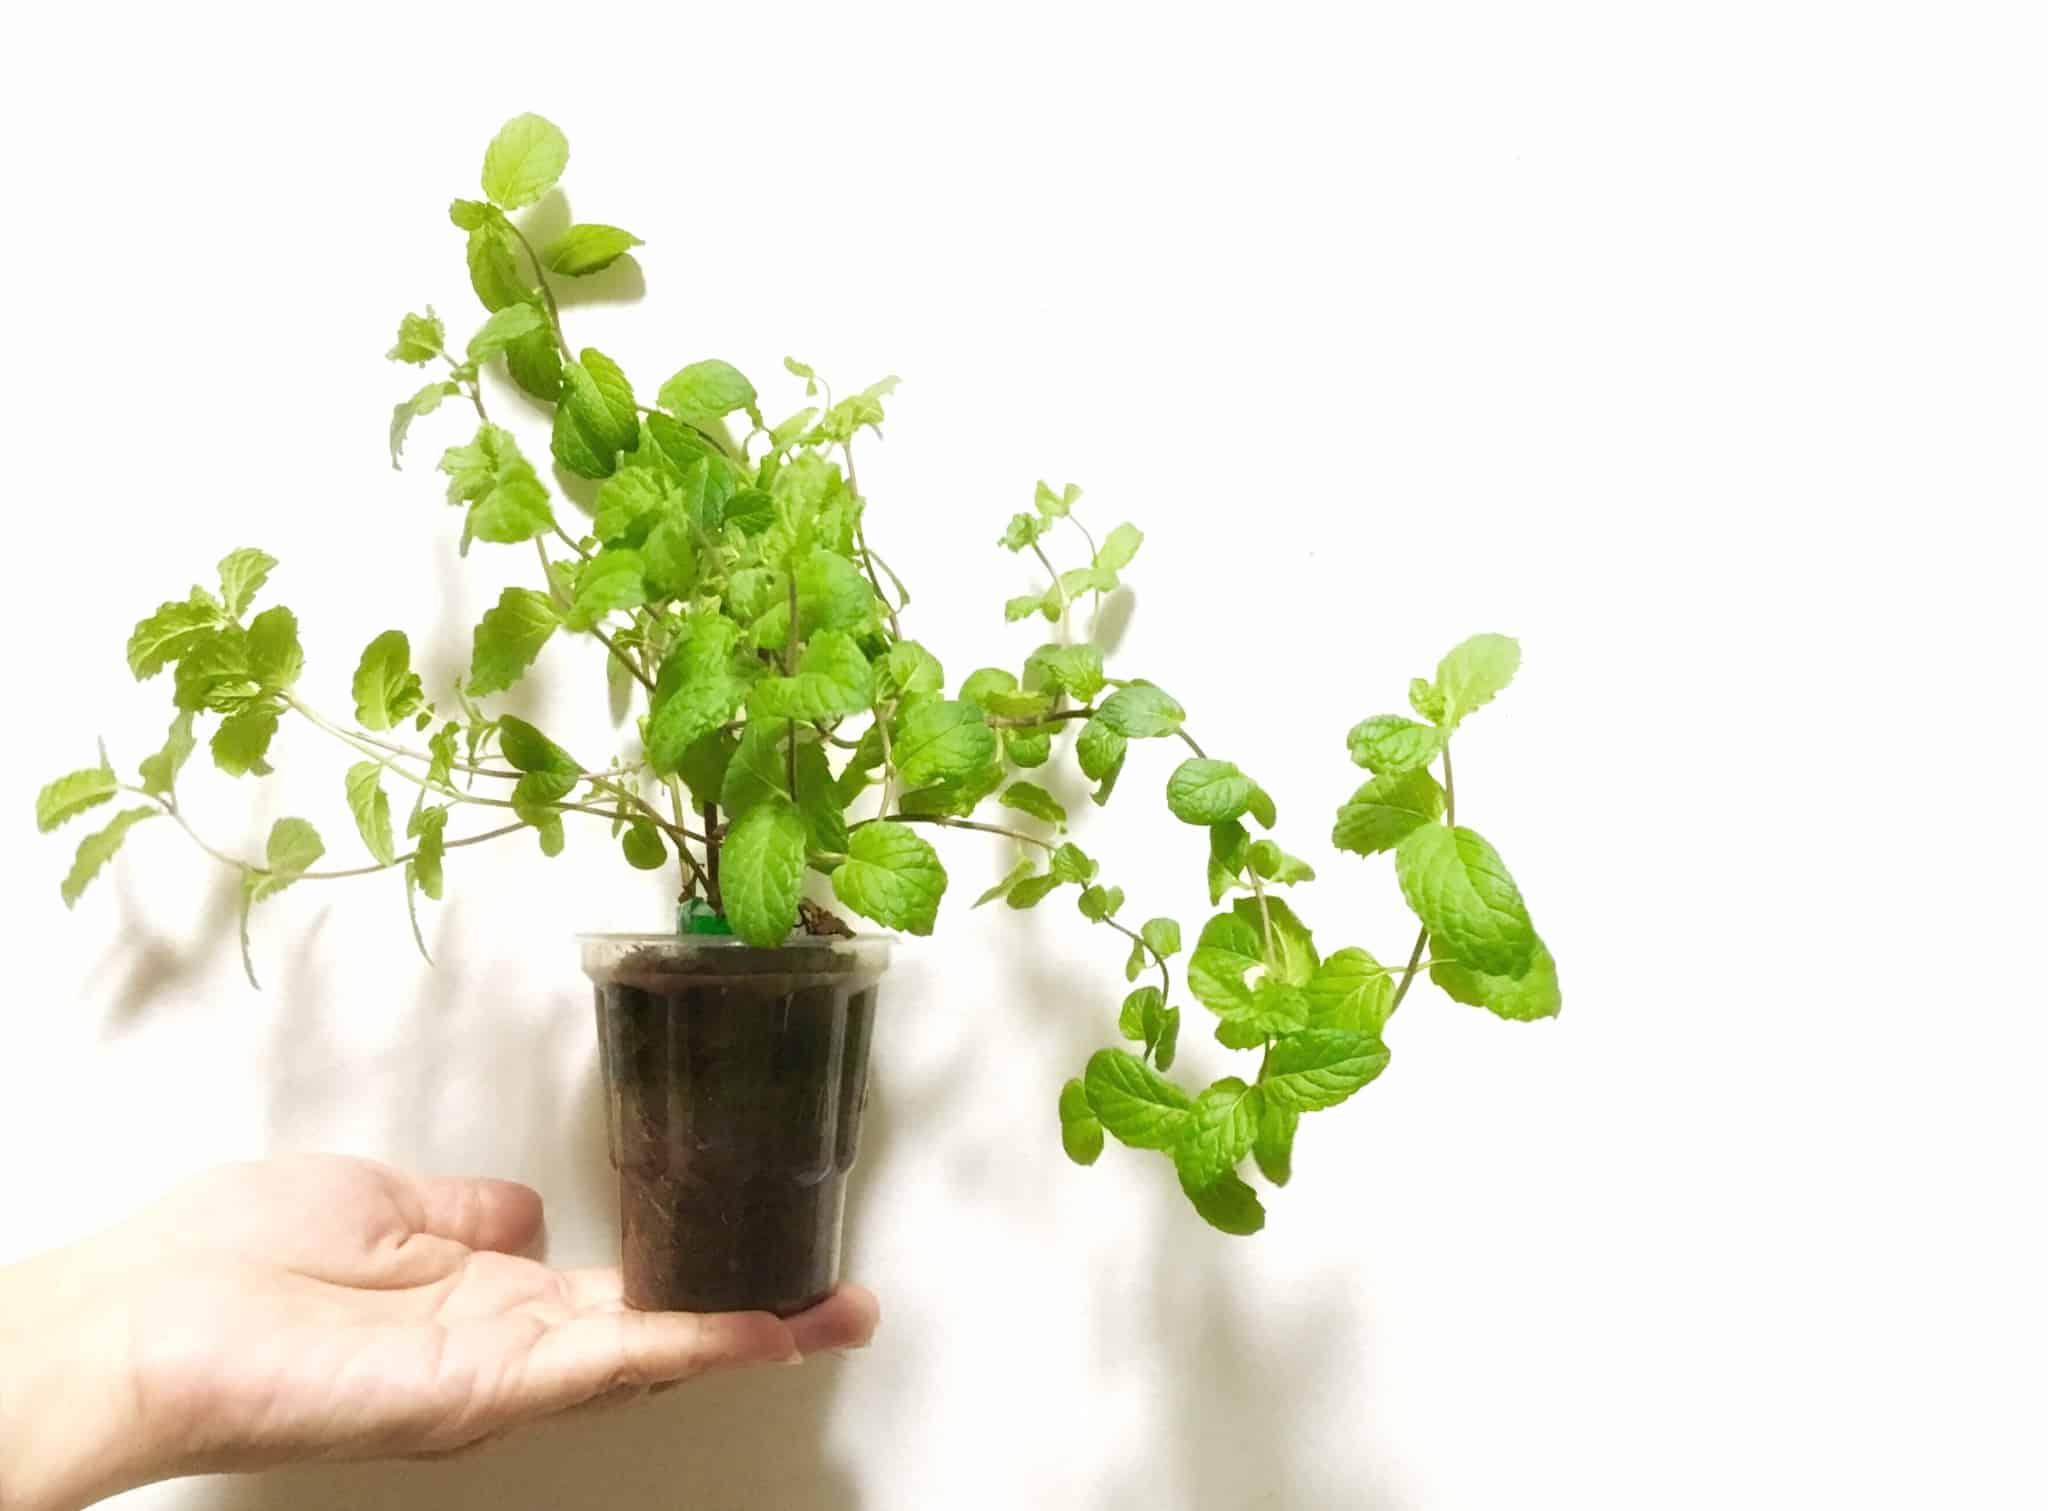 planta dentro de um copo de plástico